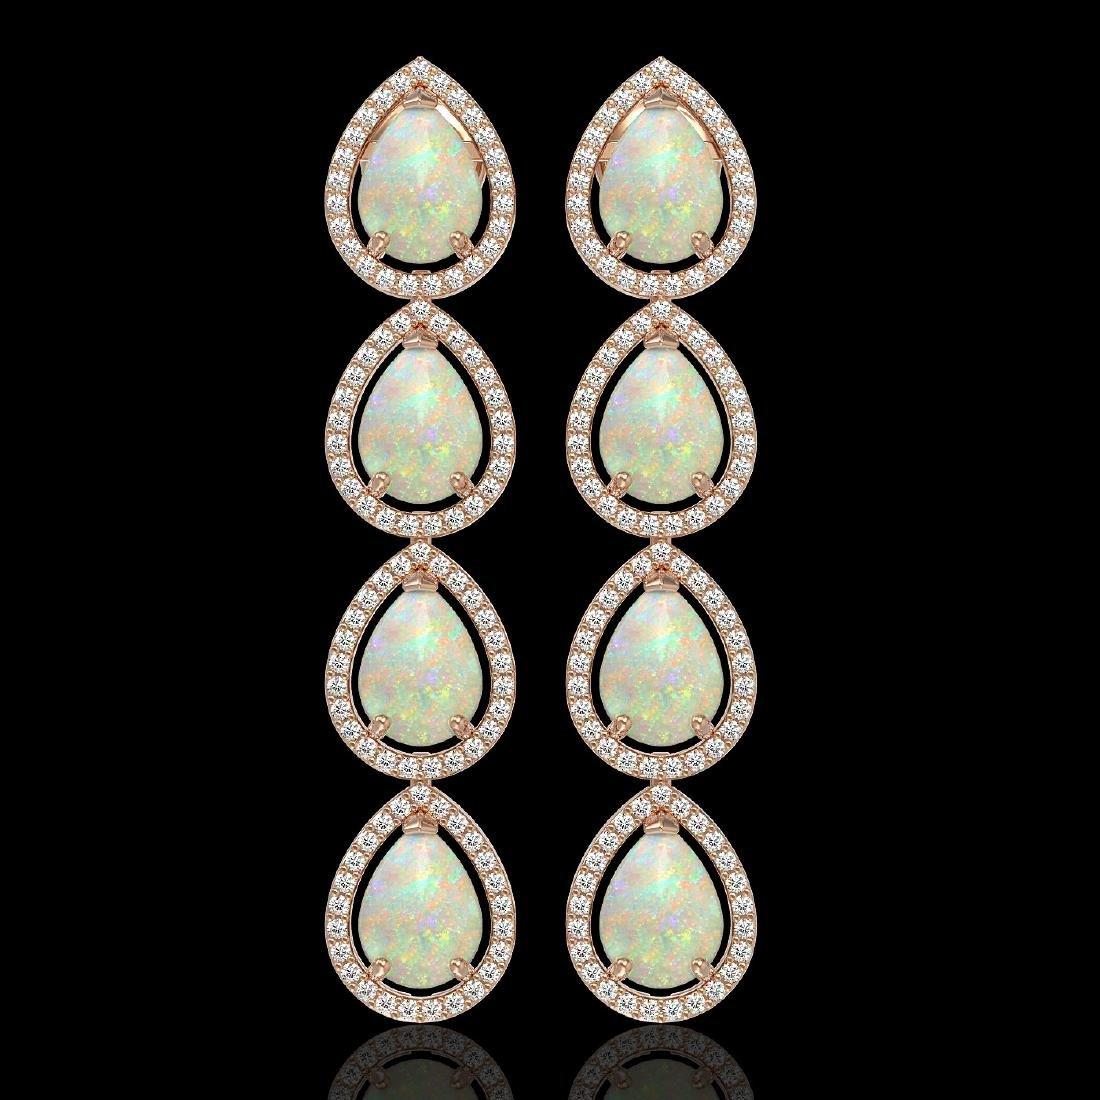 9.12 CTW Opal & Diamond Halo Earrings 10K Rose Gold